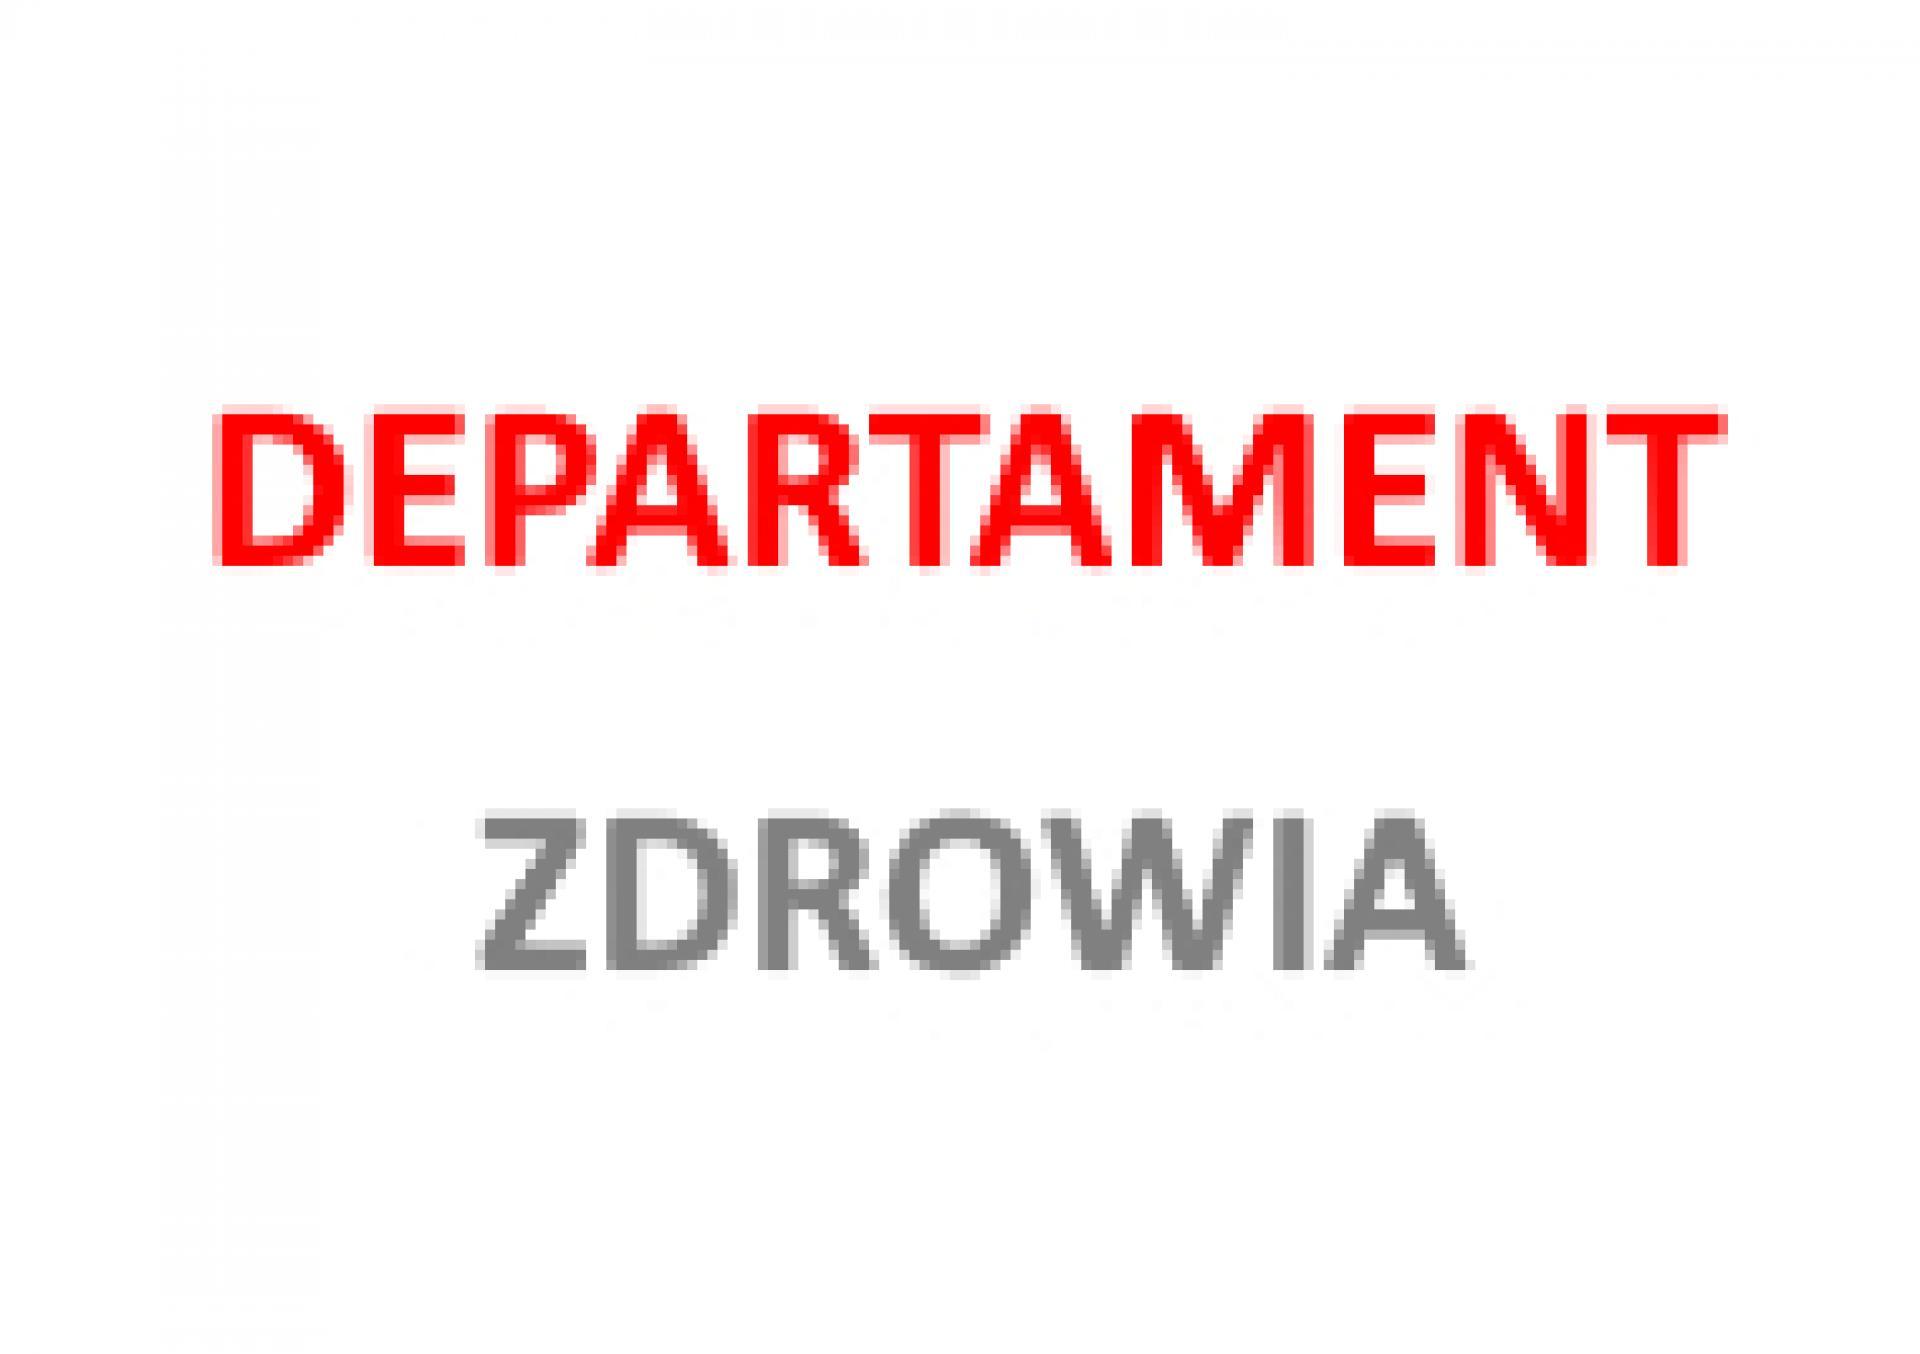 Projekt uchwały Sejmiku zmieniającej uchwałę w sprawie nadania statutu Wielkopolskiemu Centrum Pulmonologii i Torakochirurgii w Poznaniu - zobacz więcej